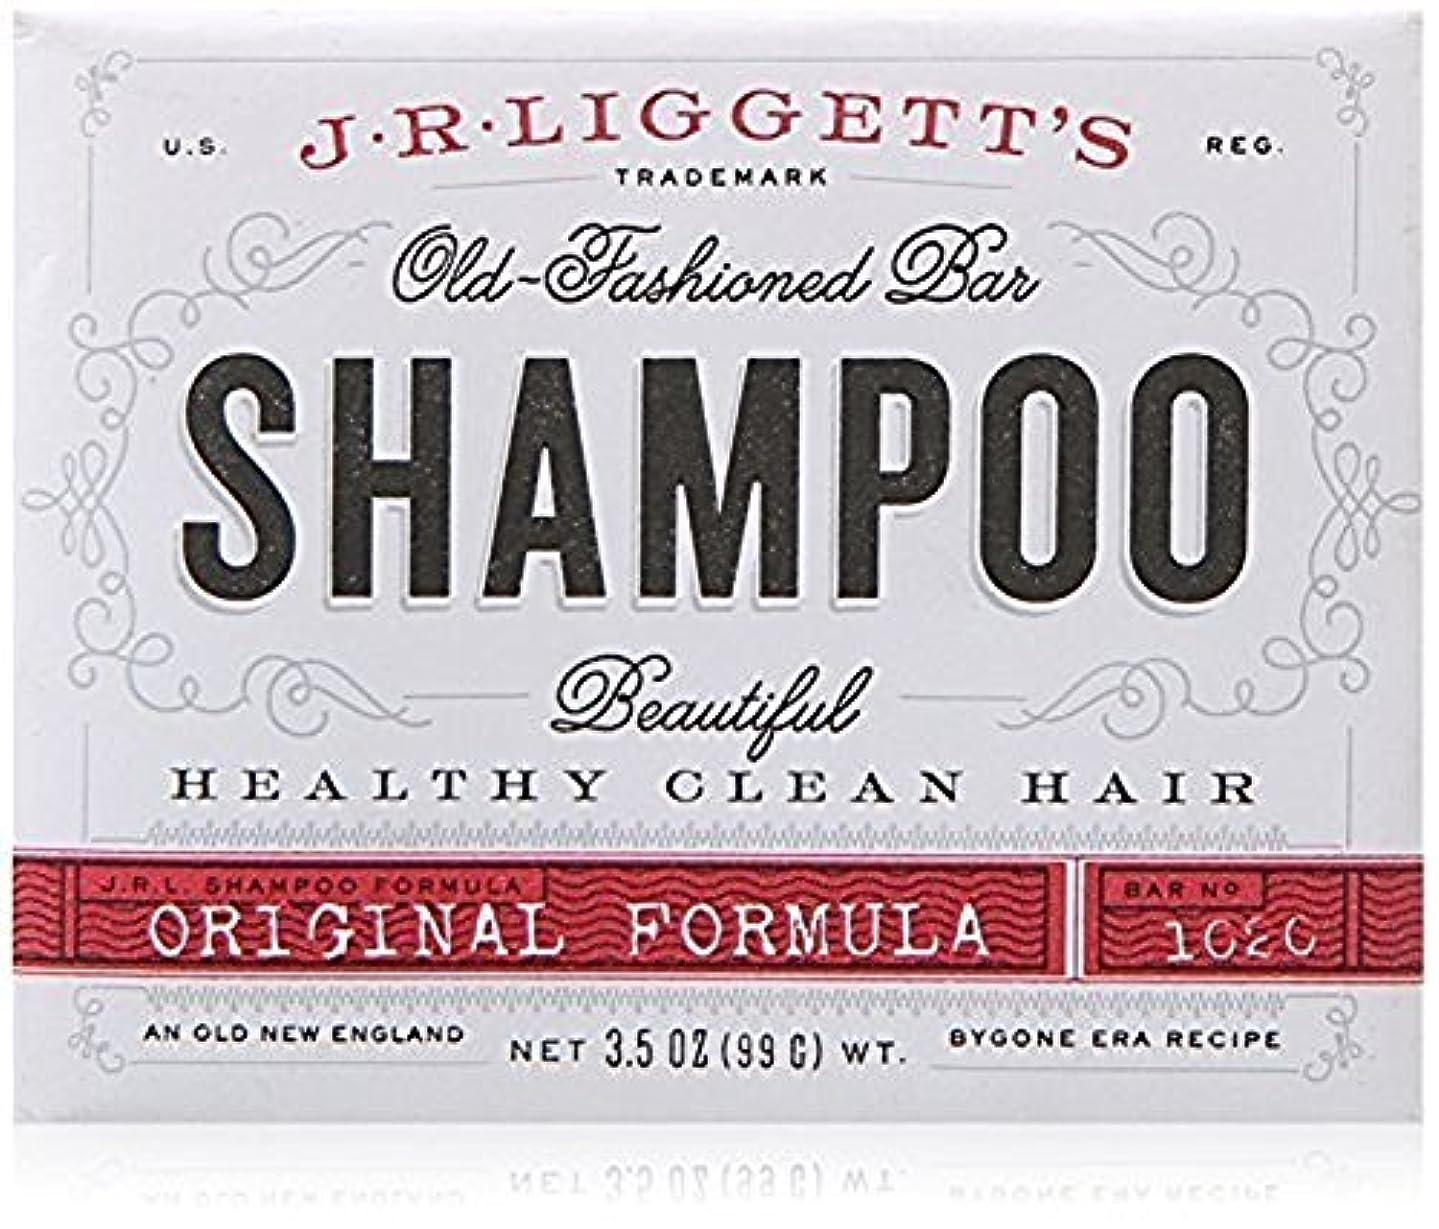 アラブ人コピー予定x J.R.Liggett's Old-Fashioned Bar Shampoo The Original Formula - 3.5 oz by J.R. Liggett